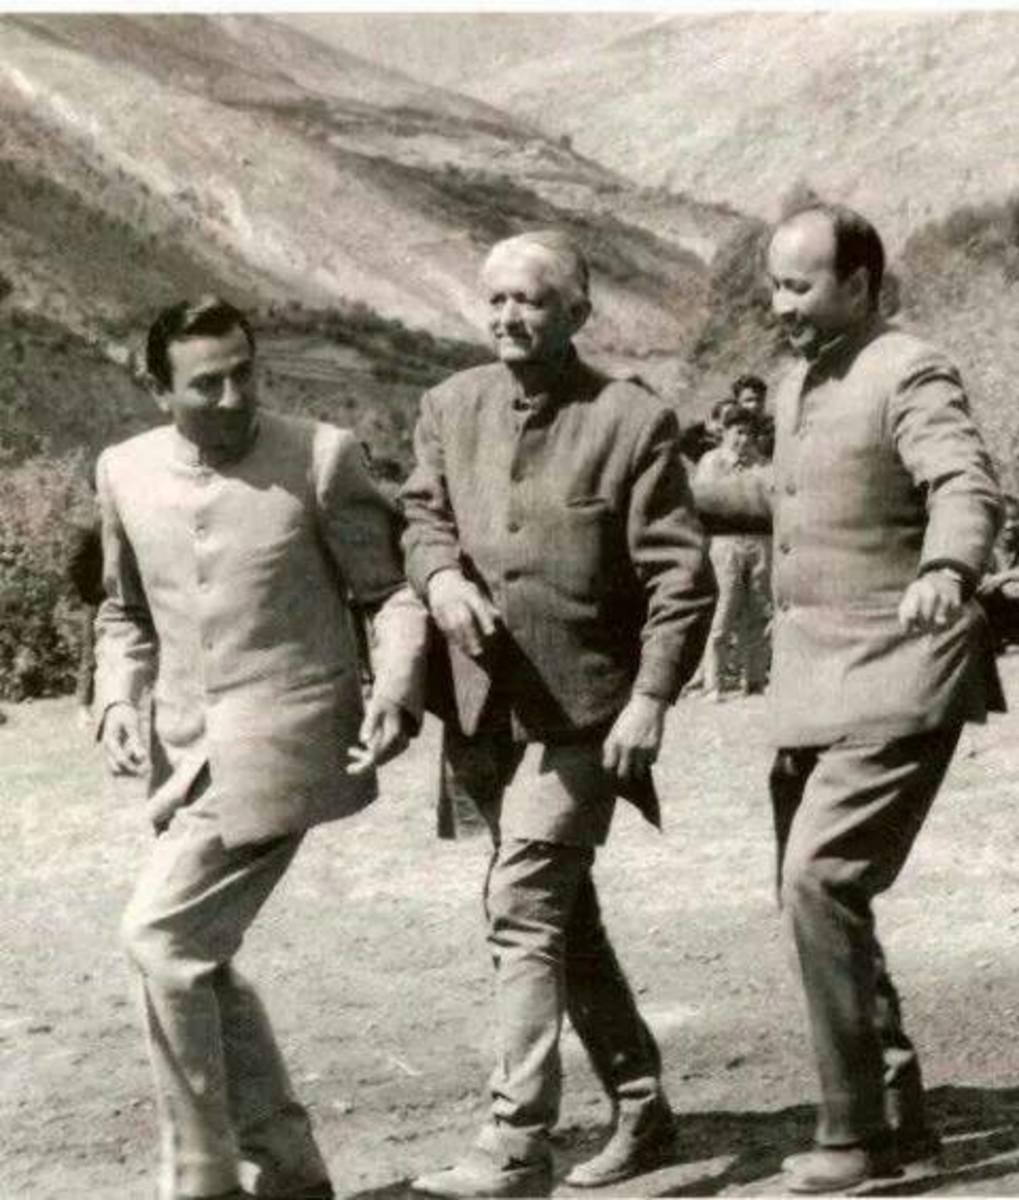 Ram Lal Thakur, YS Parmar and Virbhadra Singh